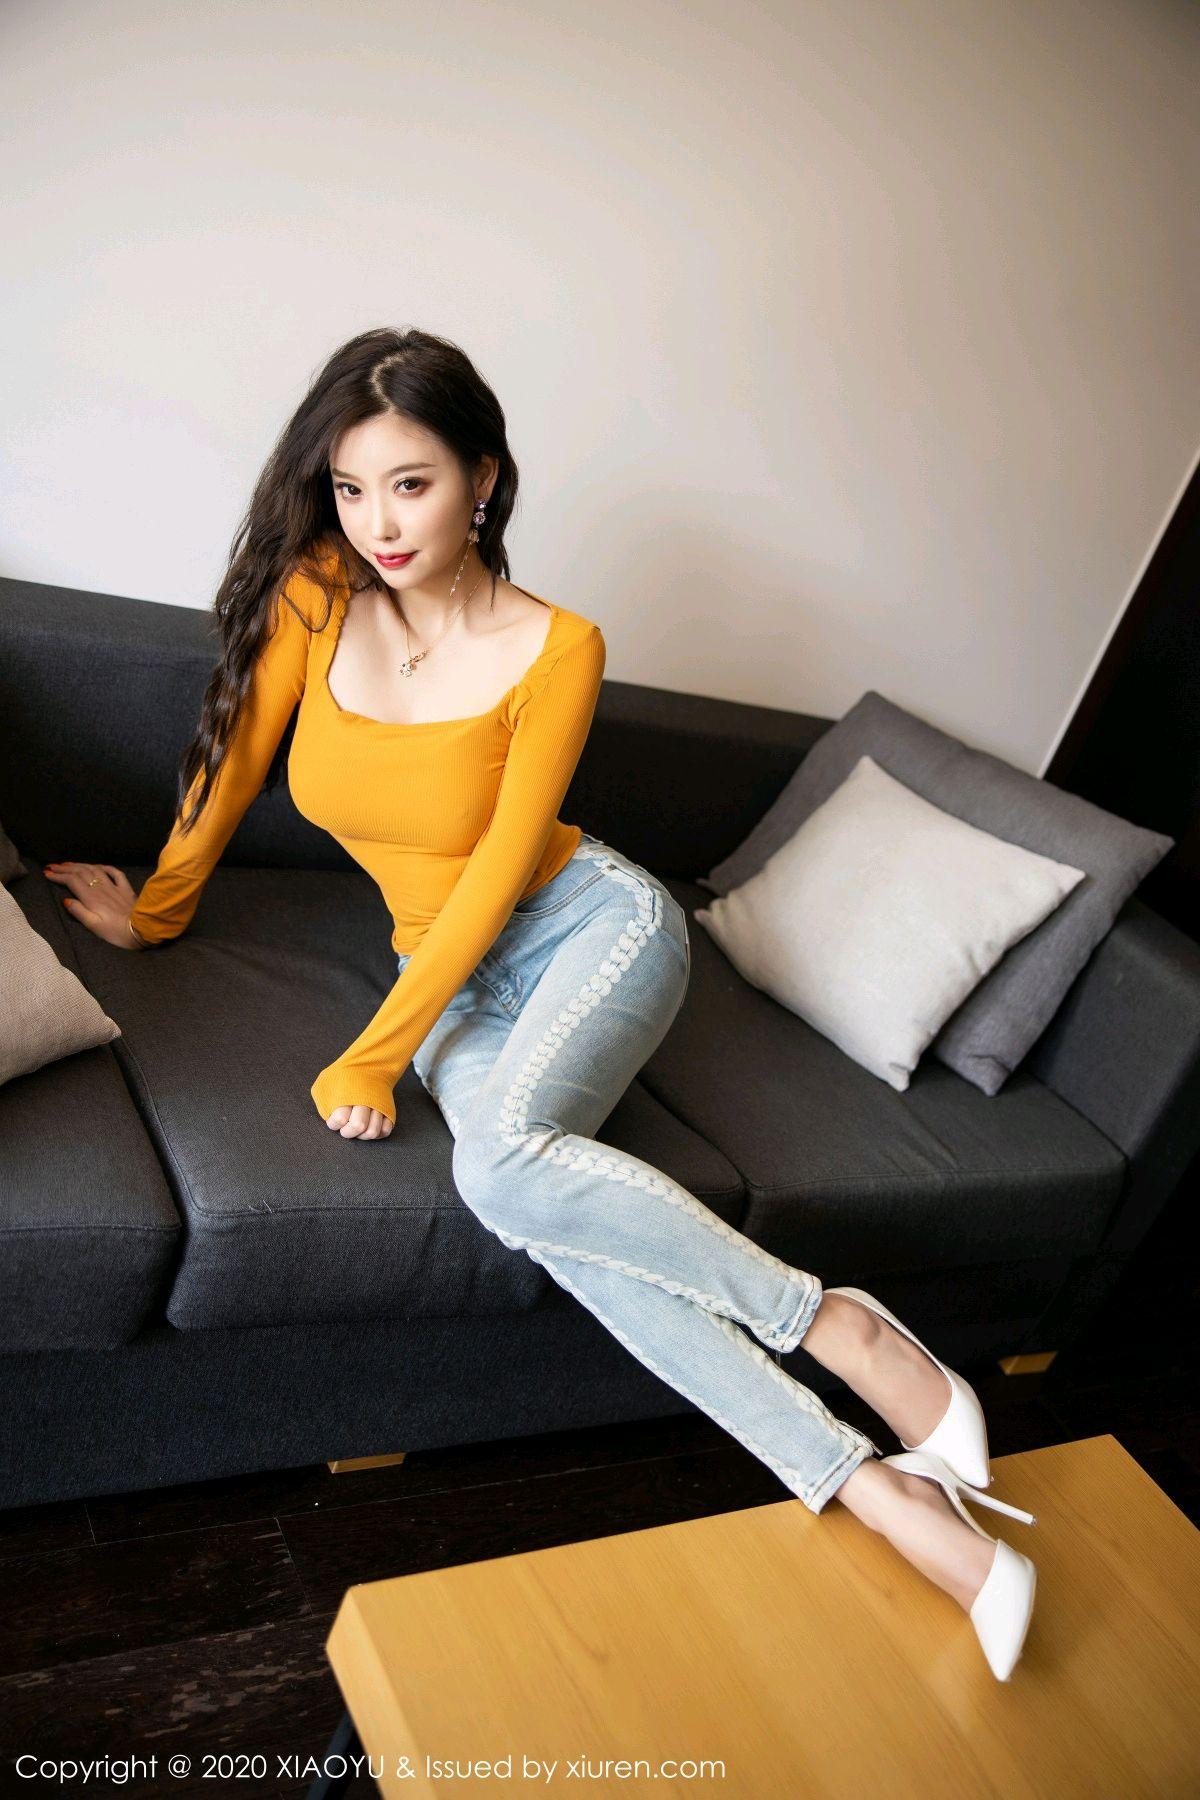 [XiaoYu] Vol.228 Yang Chen Chen 25P, XiaoYu, Yang Chen Chen